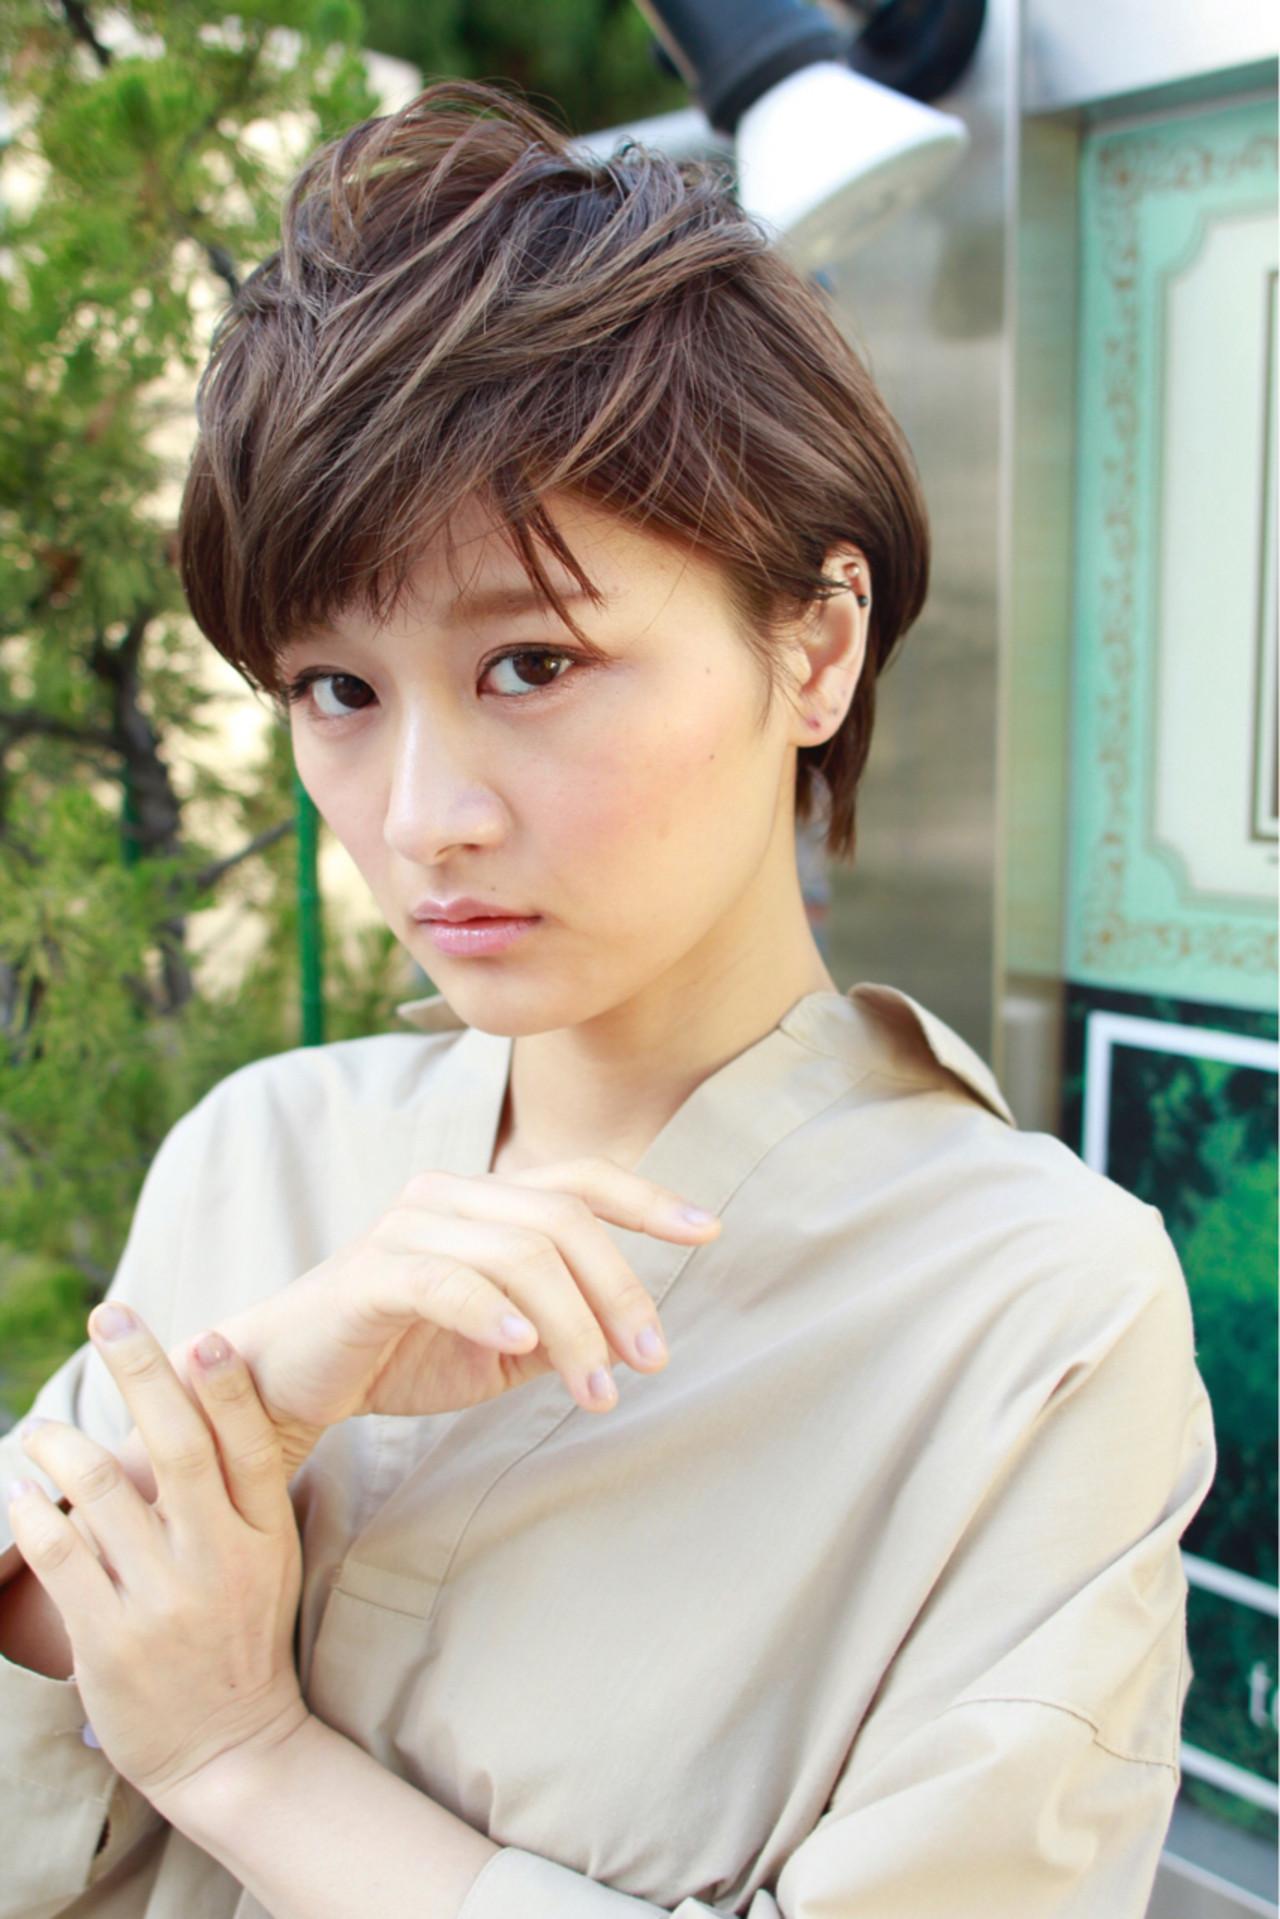 40代女性に!吉瀬美智子さん風ショートボブ 高沼 達也 / byトルネード | トルネード